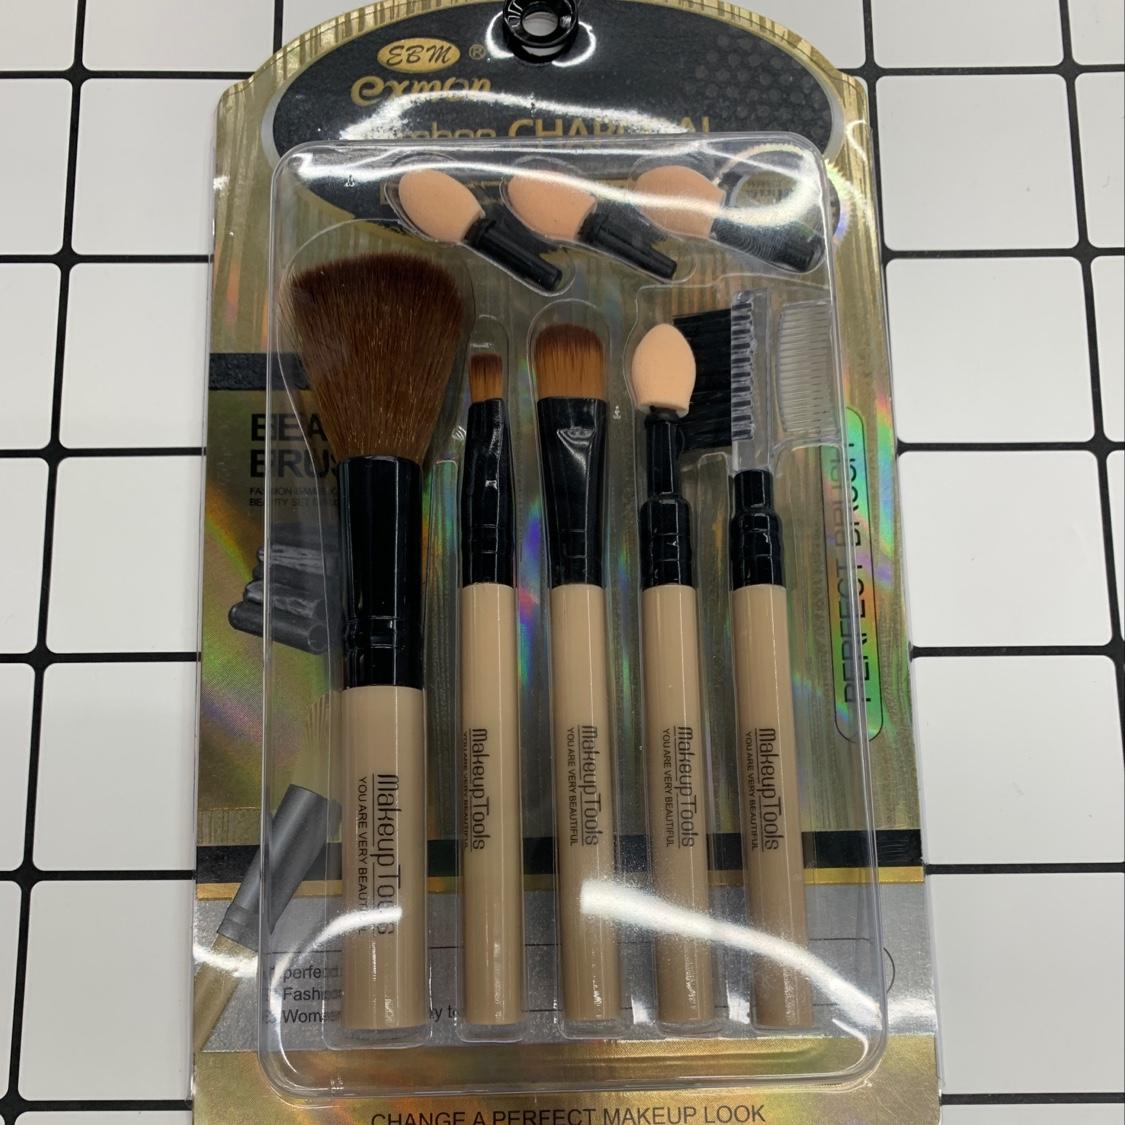 EBM五支化妆刷套装眼影散粉腮红眉刷修容粉底刷唇刷全套美妆刷子工具新手